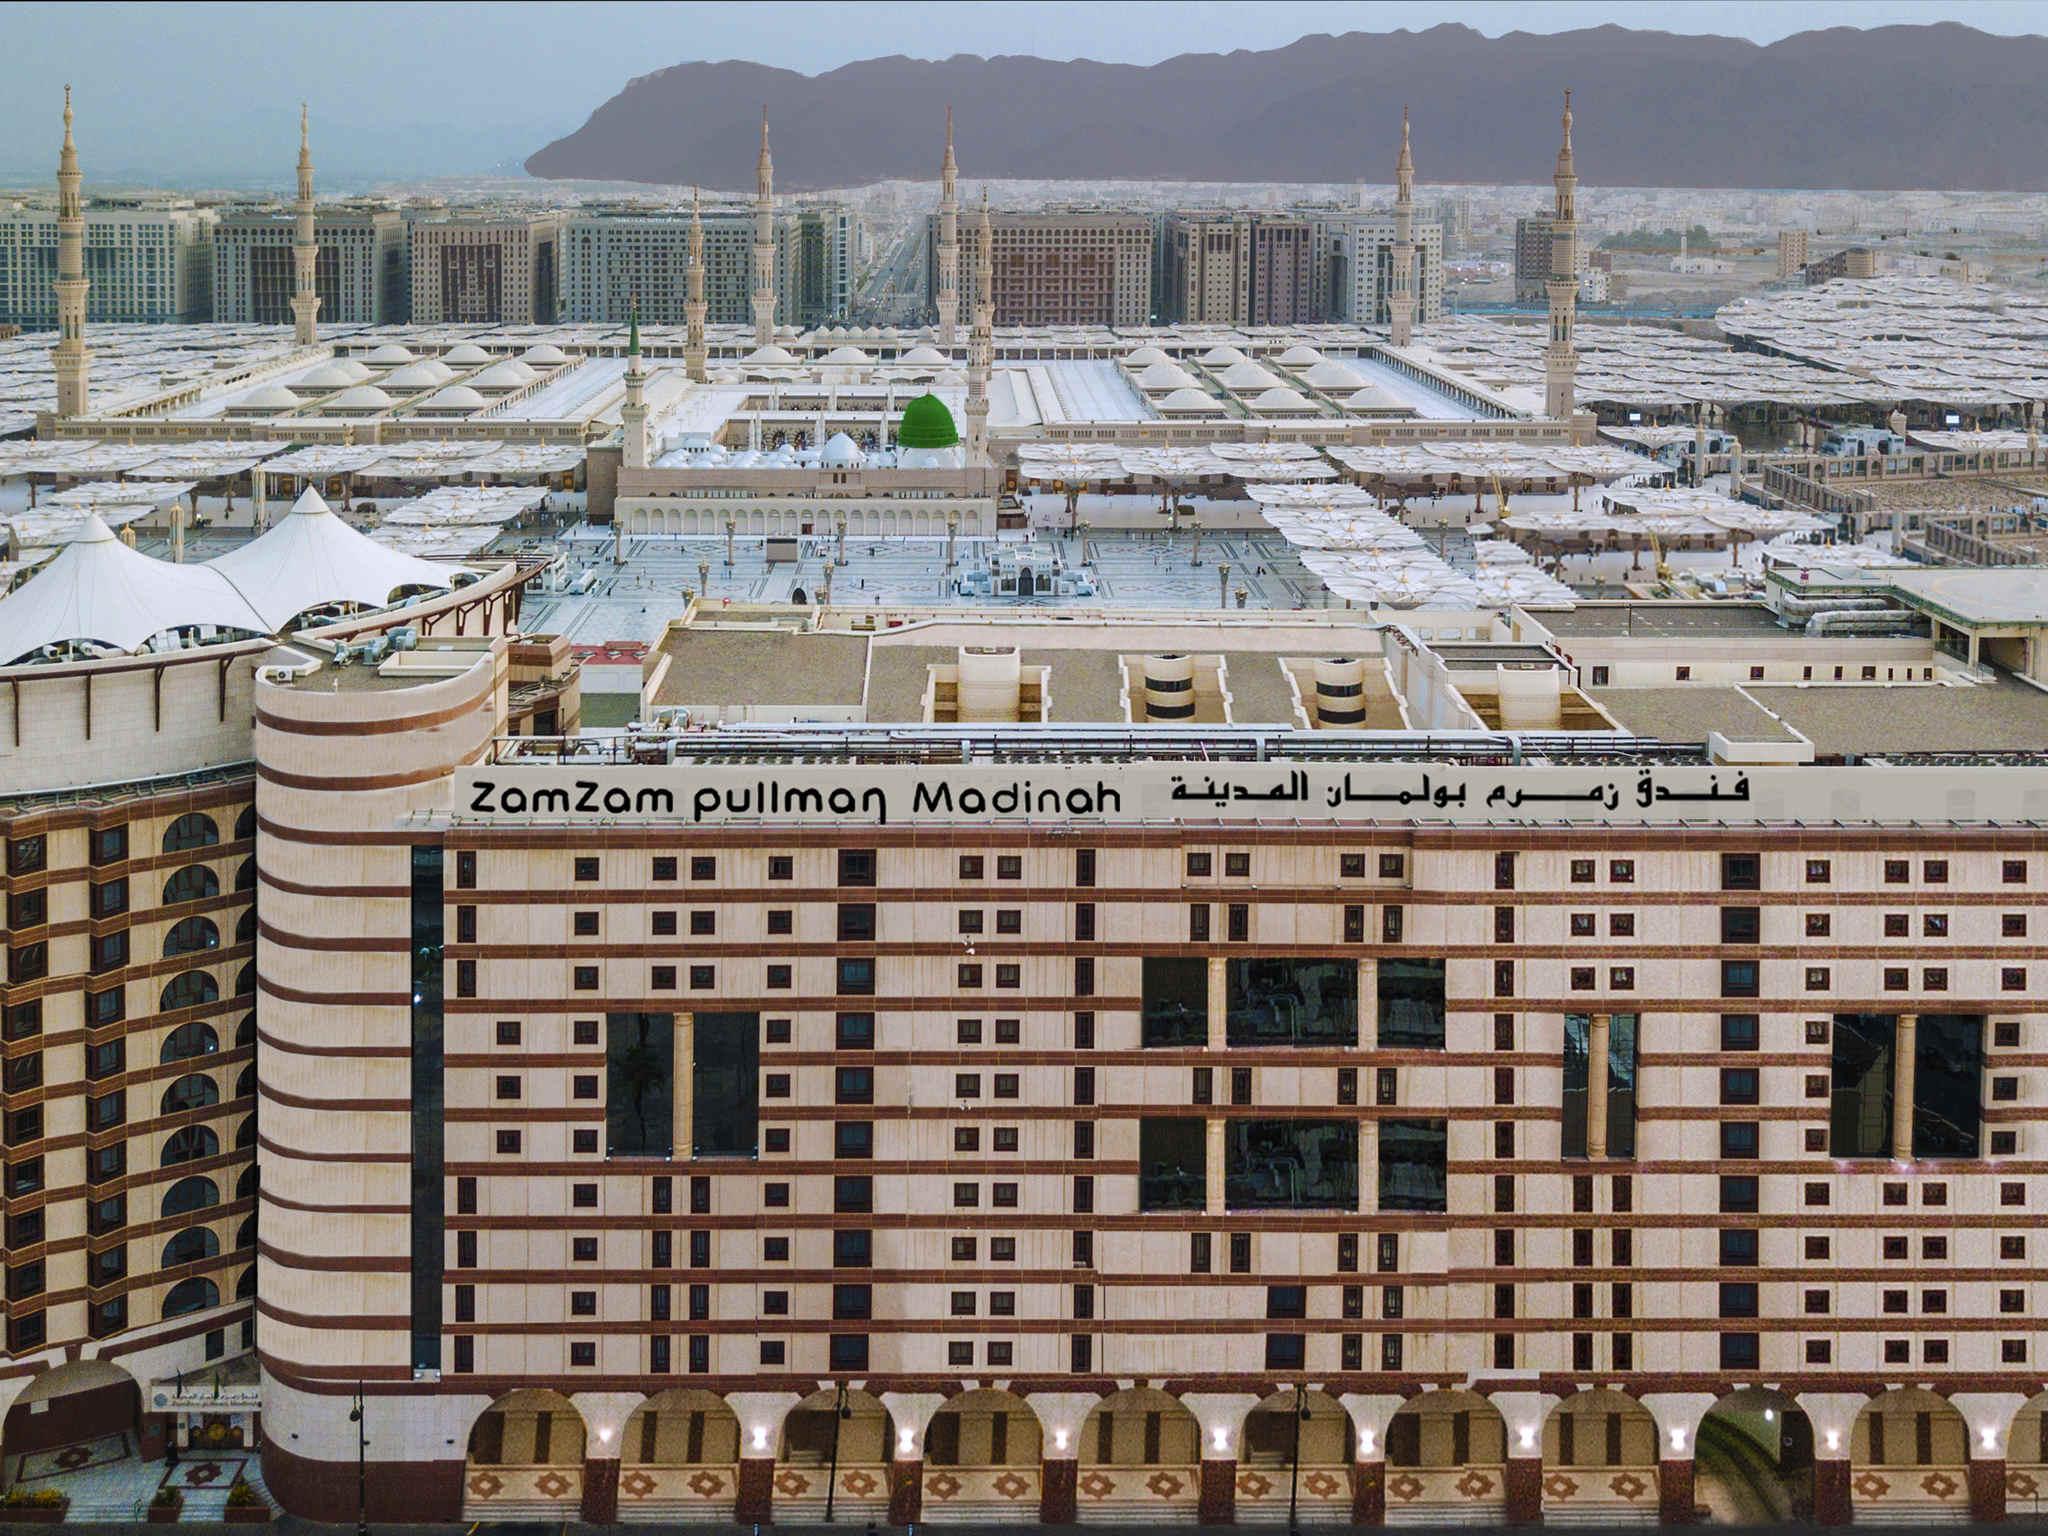 Hotell – Pullman Zamzam Madina